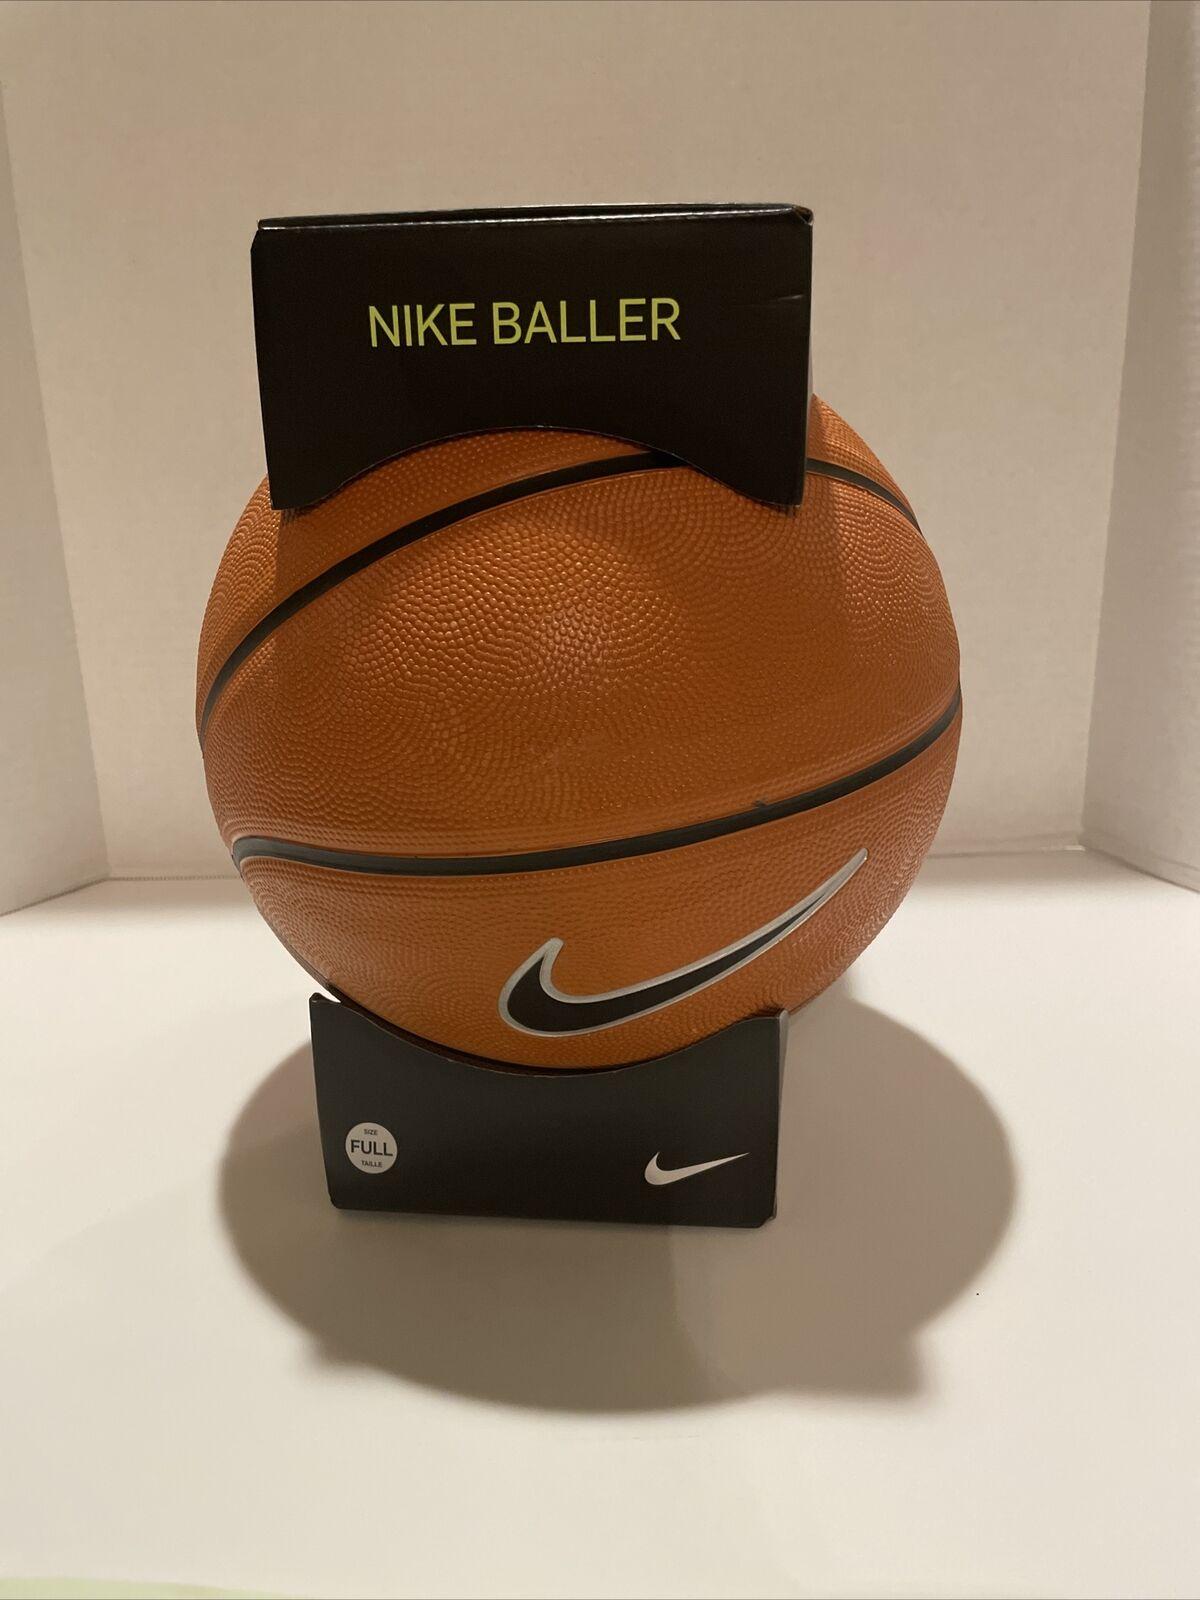 JXWH Basket-Ball r/étro Disque Vinyle Horloge Murale Basket-Ball Saut Slam Dunk tir Sport Clark Montre Murale Cadeau pour Les Joueurs de Basket-Ball